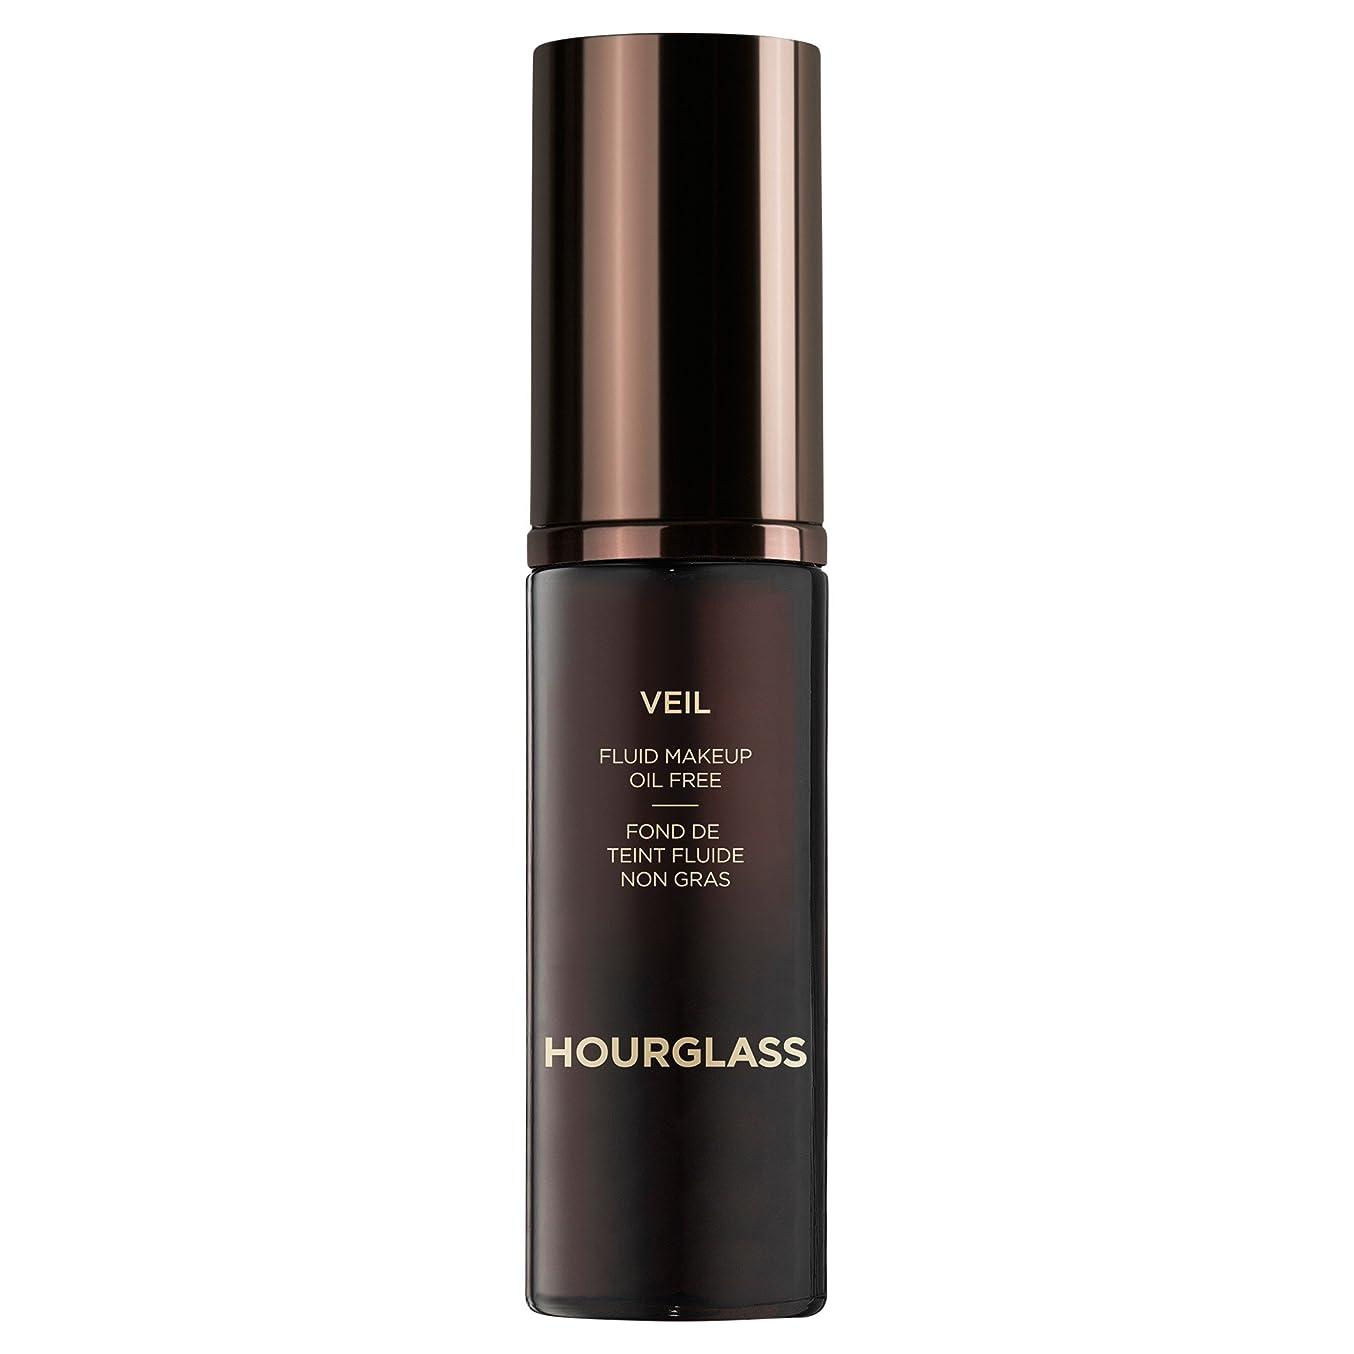 狂乱残忍な羊飼い流体化粧アイボリーベール砂時計 (Hourglass) (x6) - Hourglass Veil Fluid Makeup Ivory (Pack of 6) [並行輸入品]